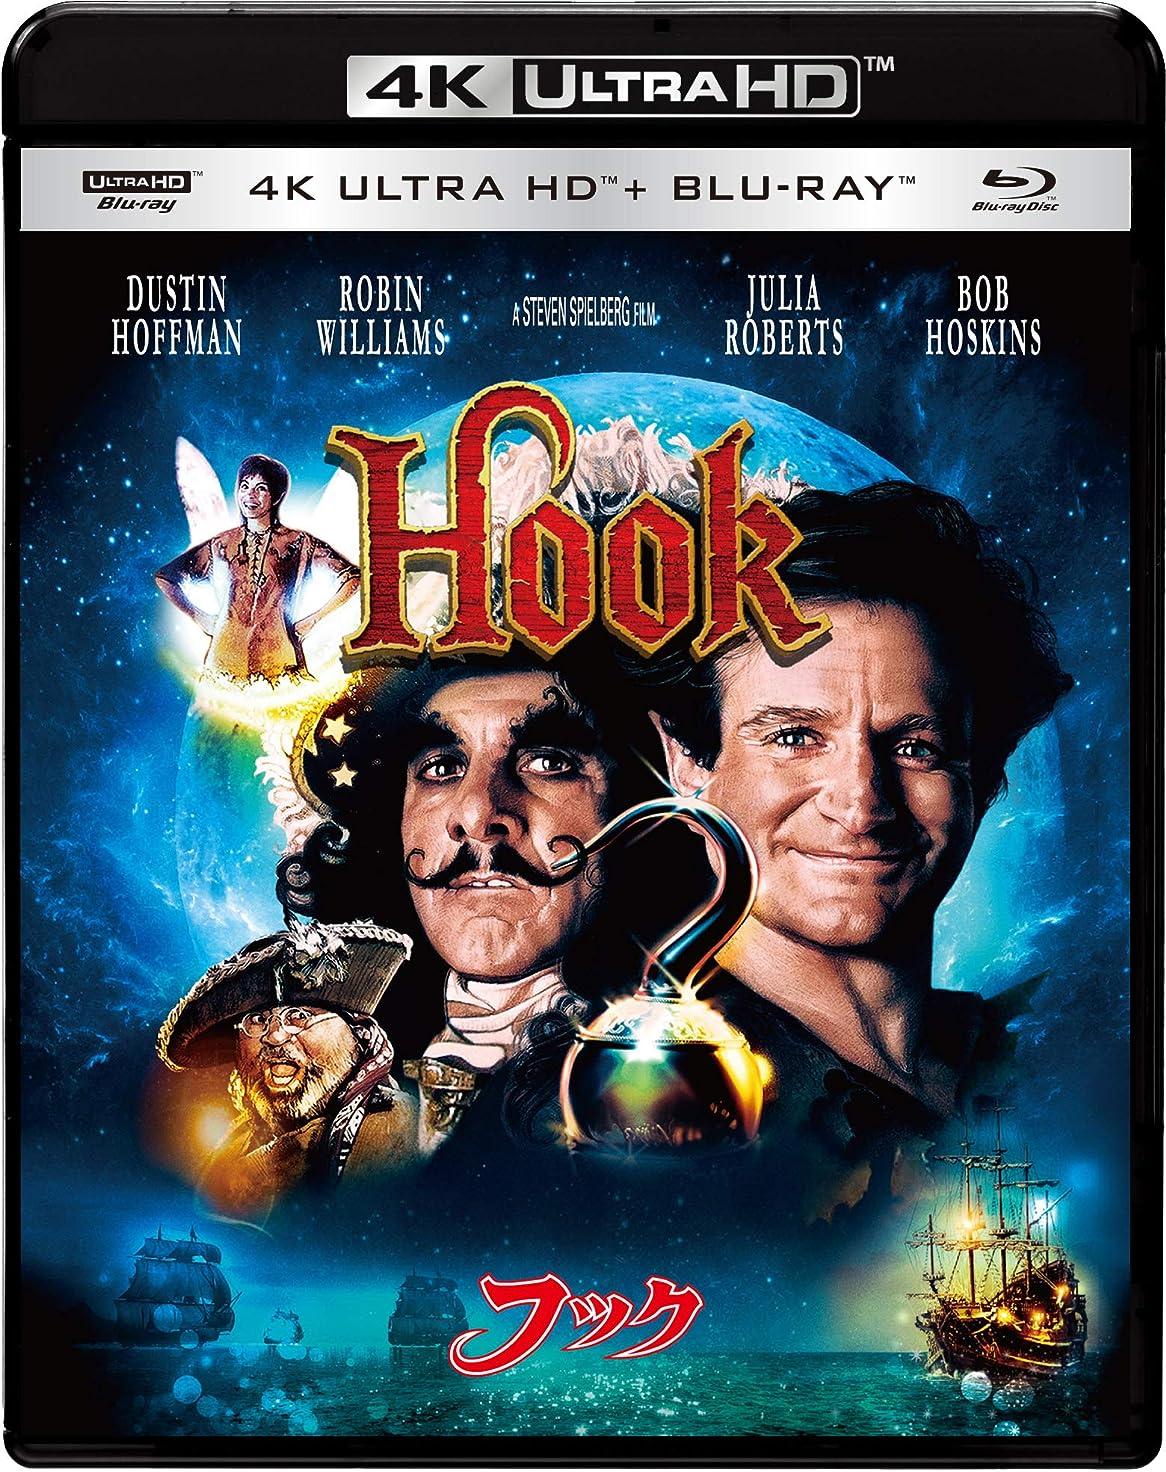 コークスエンターテインメントしょっぱいフック 4K ULTRA HD & ブルーレイセット [4K ULTRA HD + Blu-ray]